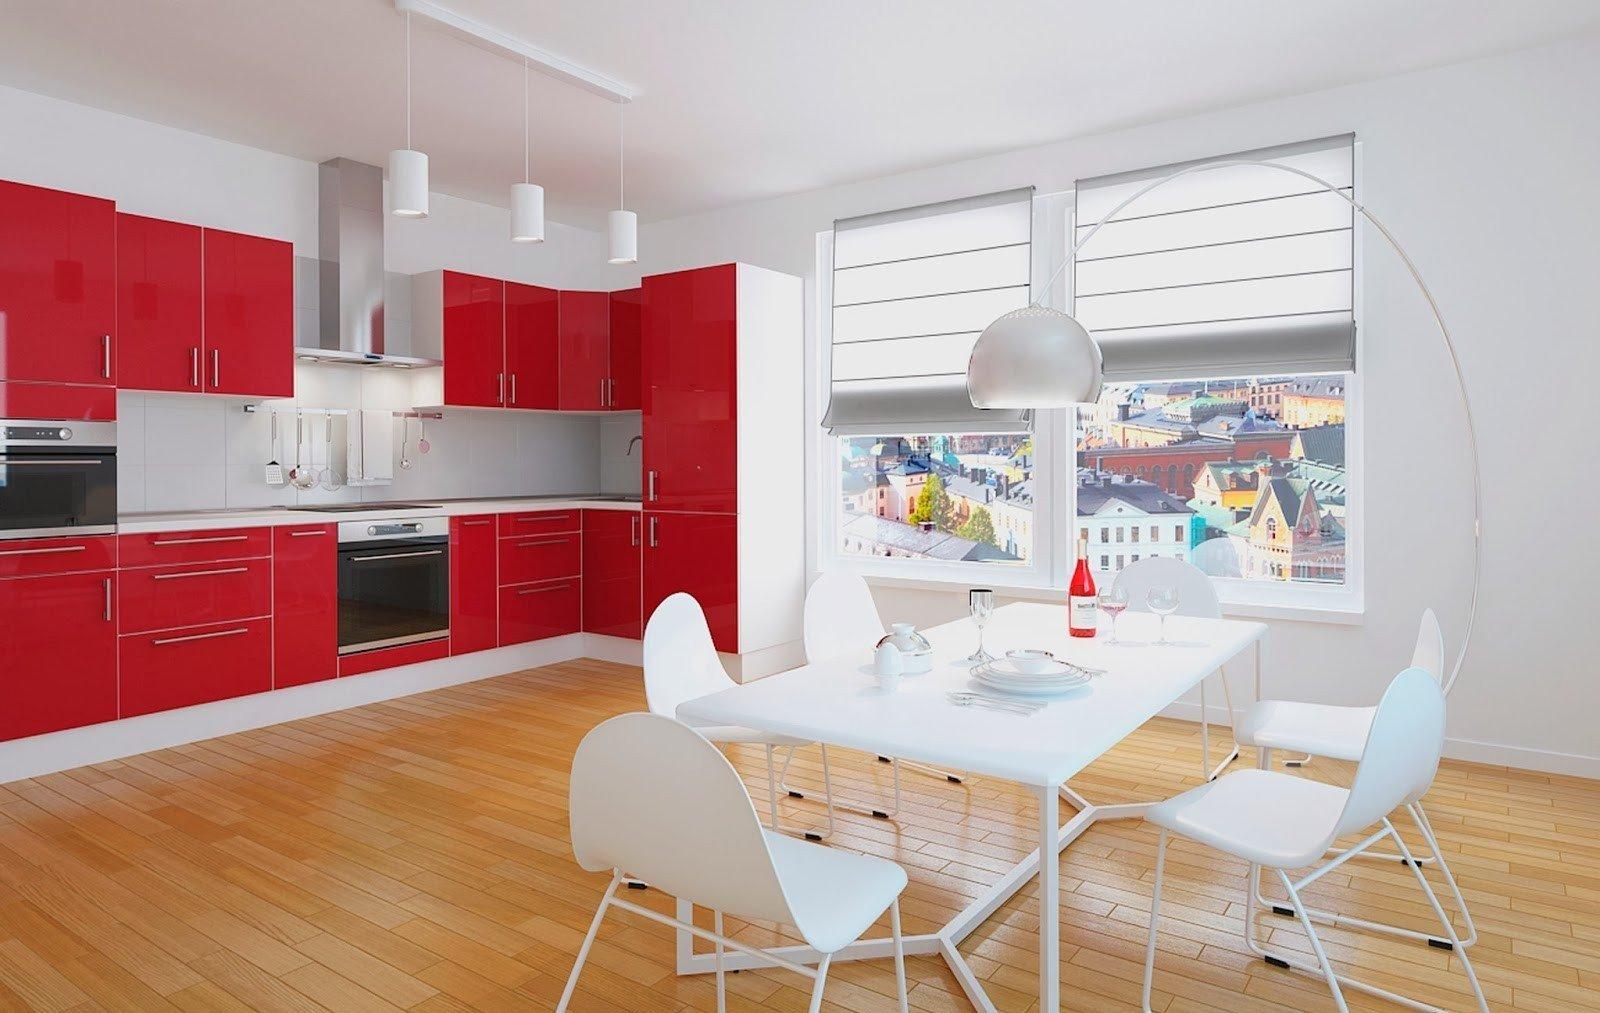 Красная кухня в интерьере